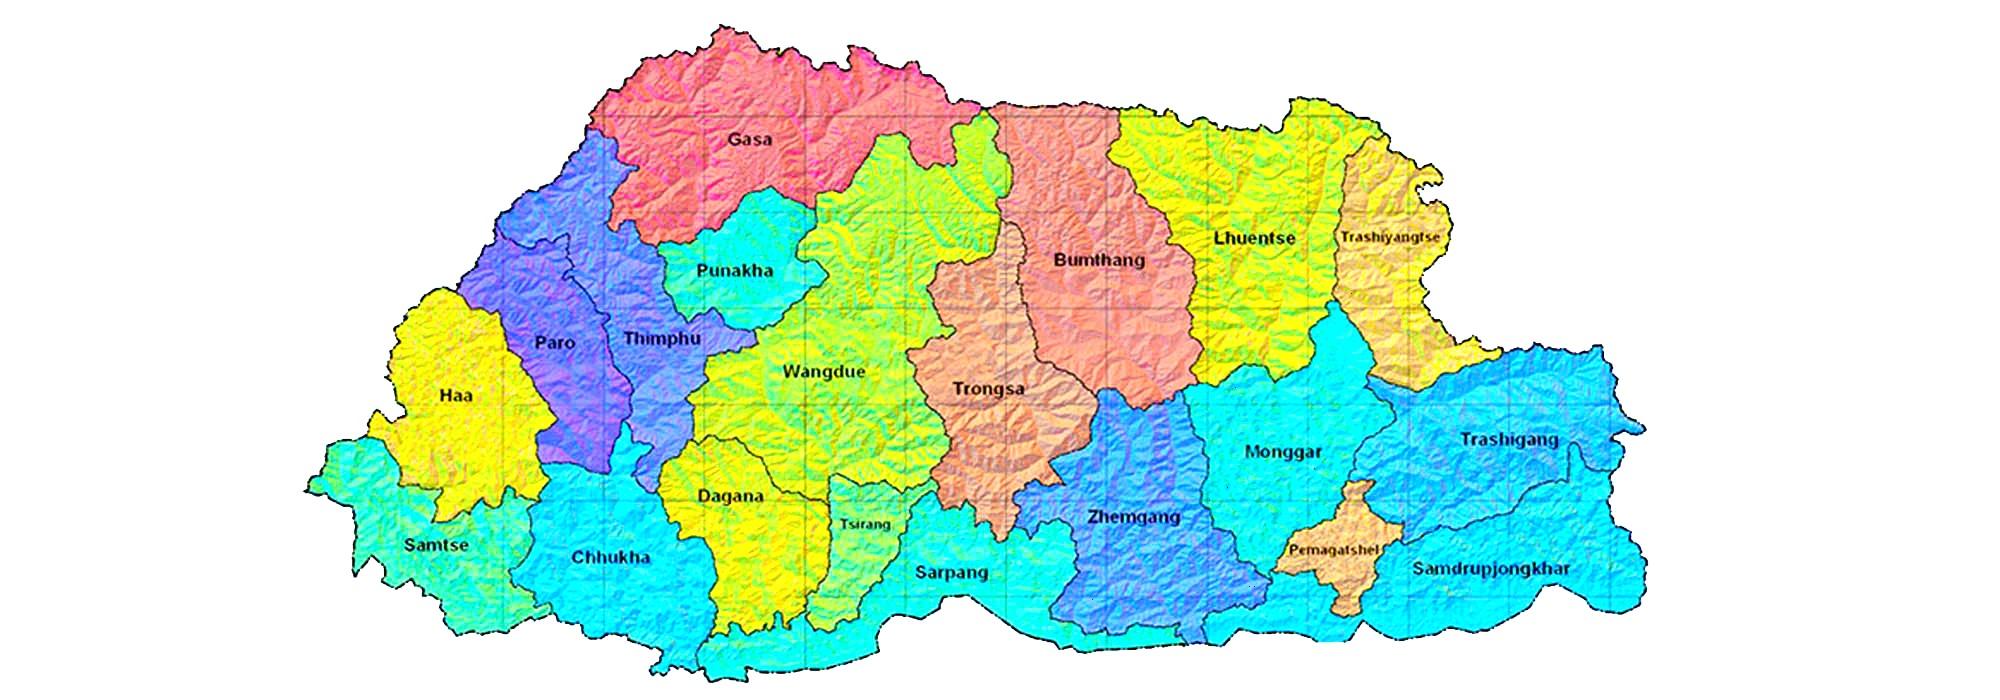 ABOUT BHUTAN